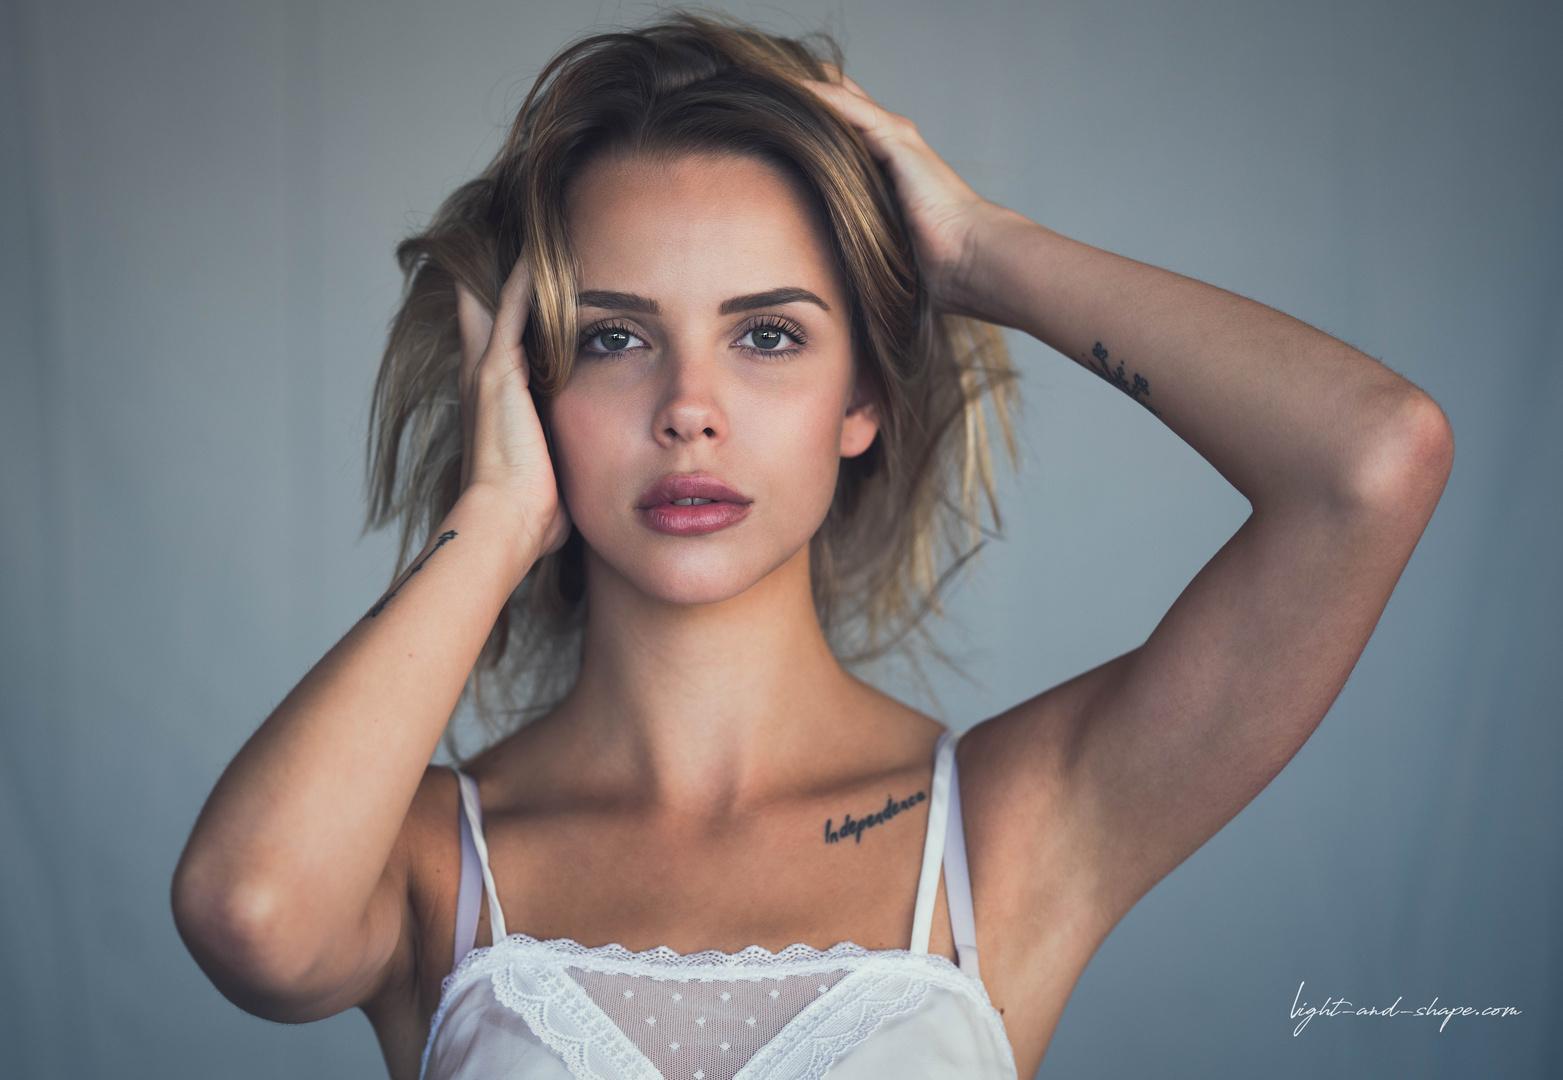 Retouched beauty portrait